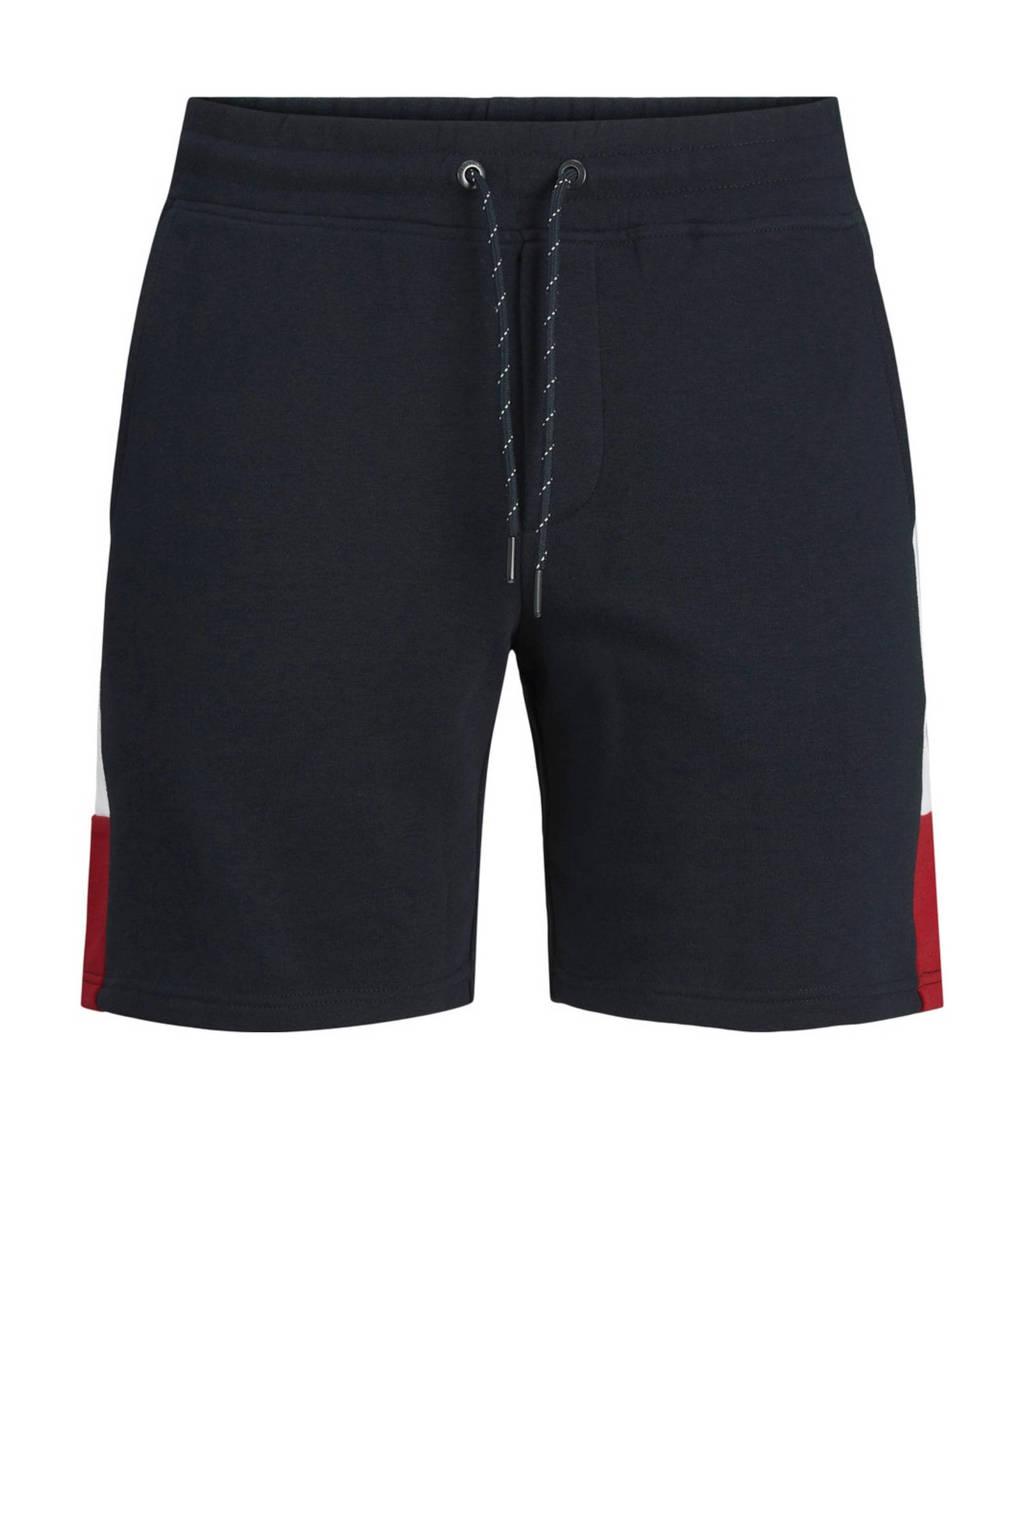 JACK & JONES JEANS INTELLIGENCE regular fit sweatshort Logo Blocking met zijstreep donkerblauw, Donkerblauw